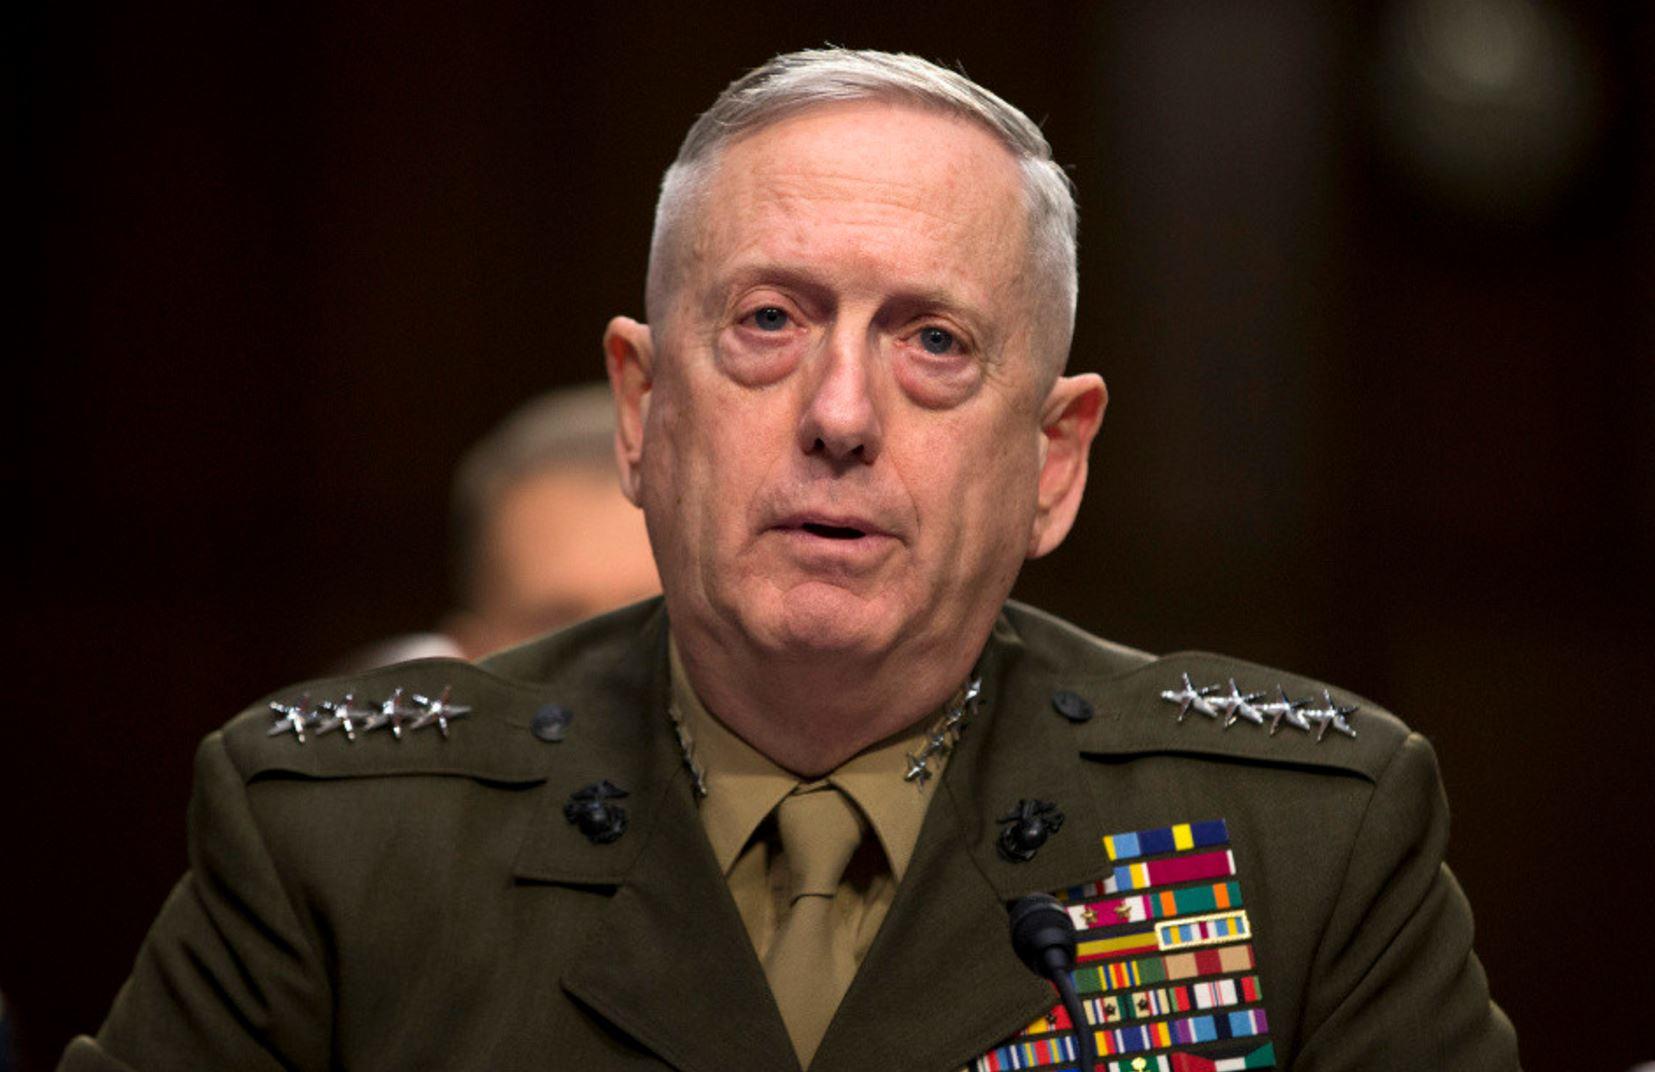 وزیر دفاع آینده ایالات متحده به شدت از ایران متنفر است / «سگ دیوانه» محور تعریف سیاست های مربوط به ایران خواهد بود